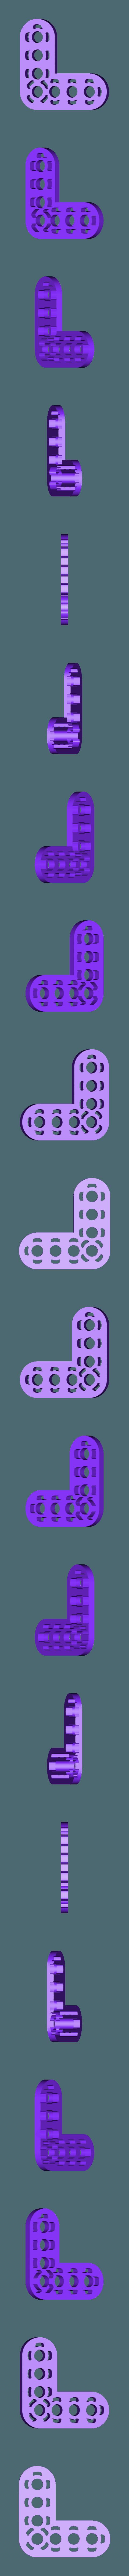 L_4_4.STL Télécharger fichier STL gratuit MEGA Expansion 200+ Pièces • Plan à imprimer en 3D, Pwentey